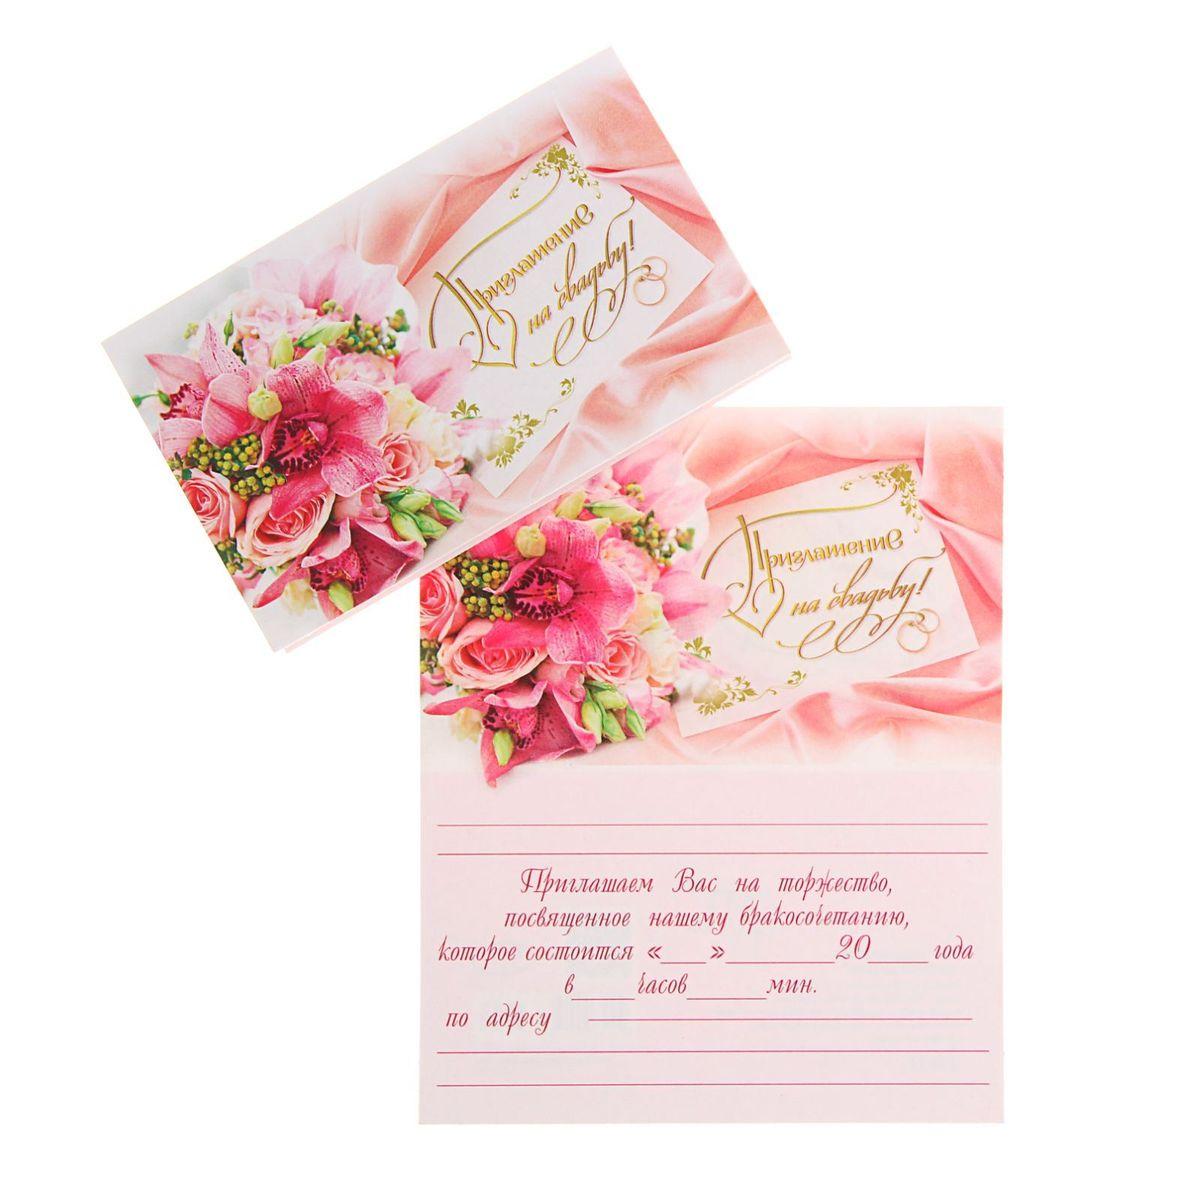 Приглашение на свадьбу Русский дизайн Розовый букет, 14 х 11 см1367748Красивая свадебная пригласительная открытка станет незаменимым атрибутом подготовки к предстоящему торжеству и позволит объявить самым дорогим вам людям о важном событии в вашей жизни. Приглашение на свадьбу Русский дизайн Розовый букет, выполненное изкартона, отличается не только оригинальным дизайном, но и высоким качеством. Внутри - текстприглашения. Вам остается заполнить необходимые строки и раздать гостям.Устройте себе незабываемую свадьбу! Размер: 14 х 11 см.